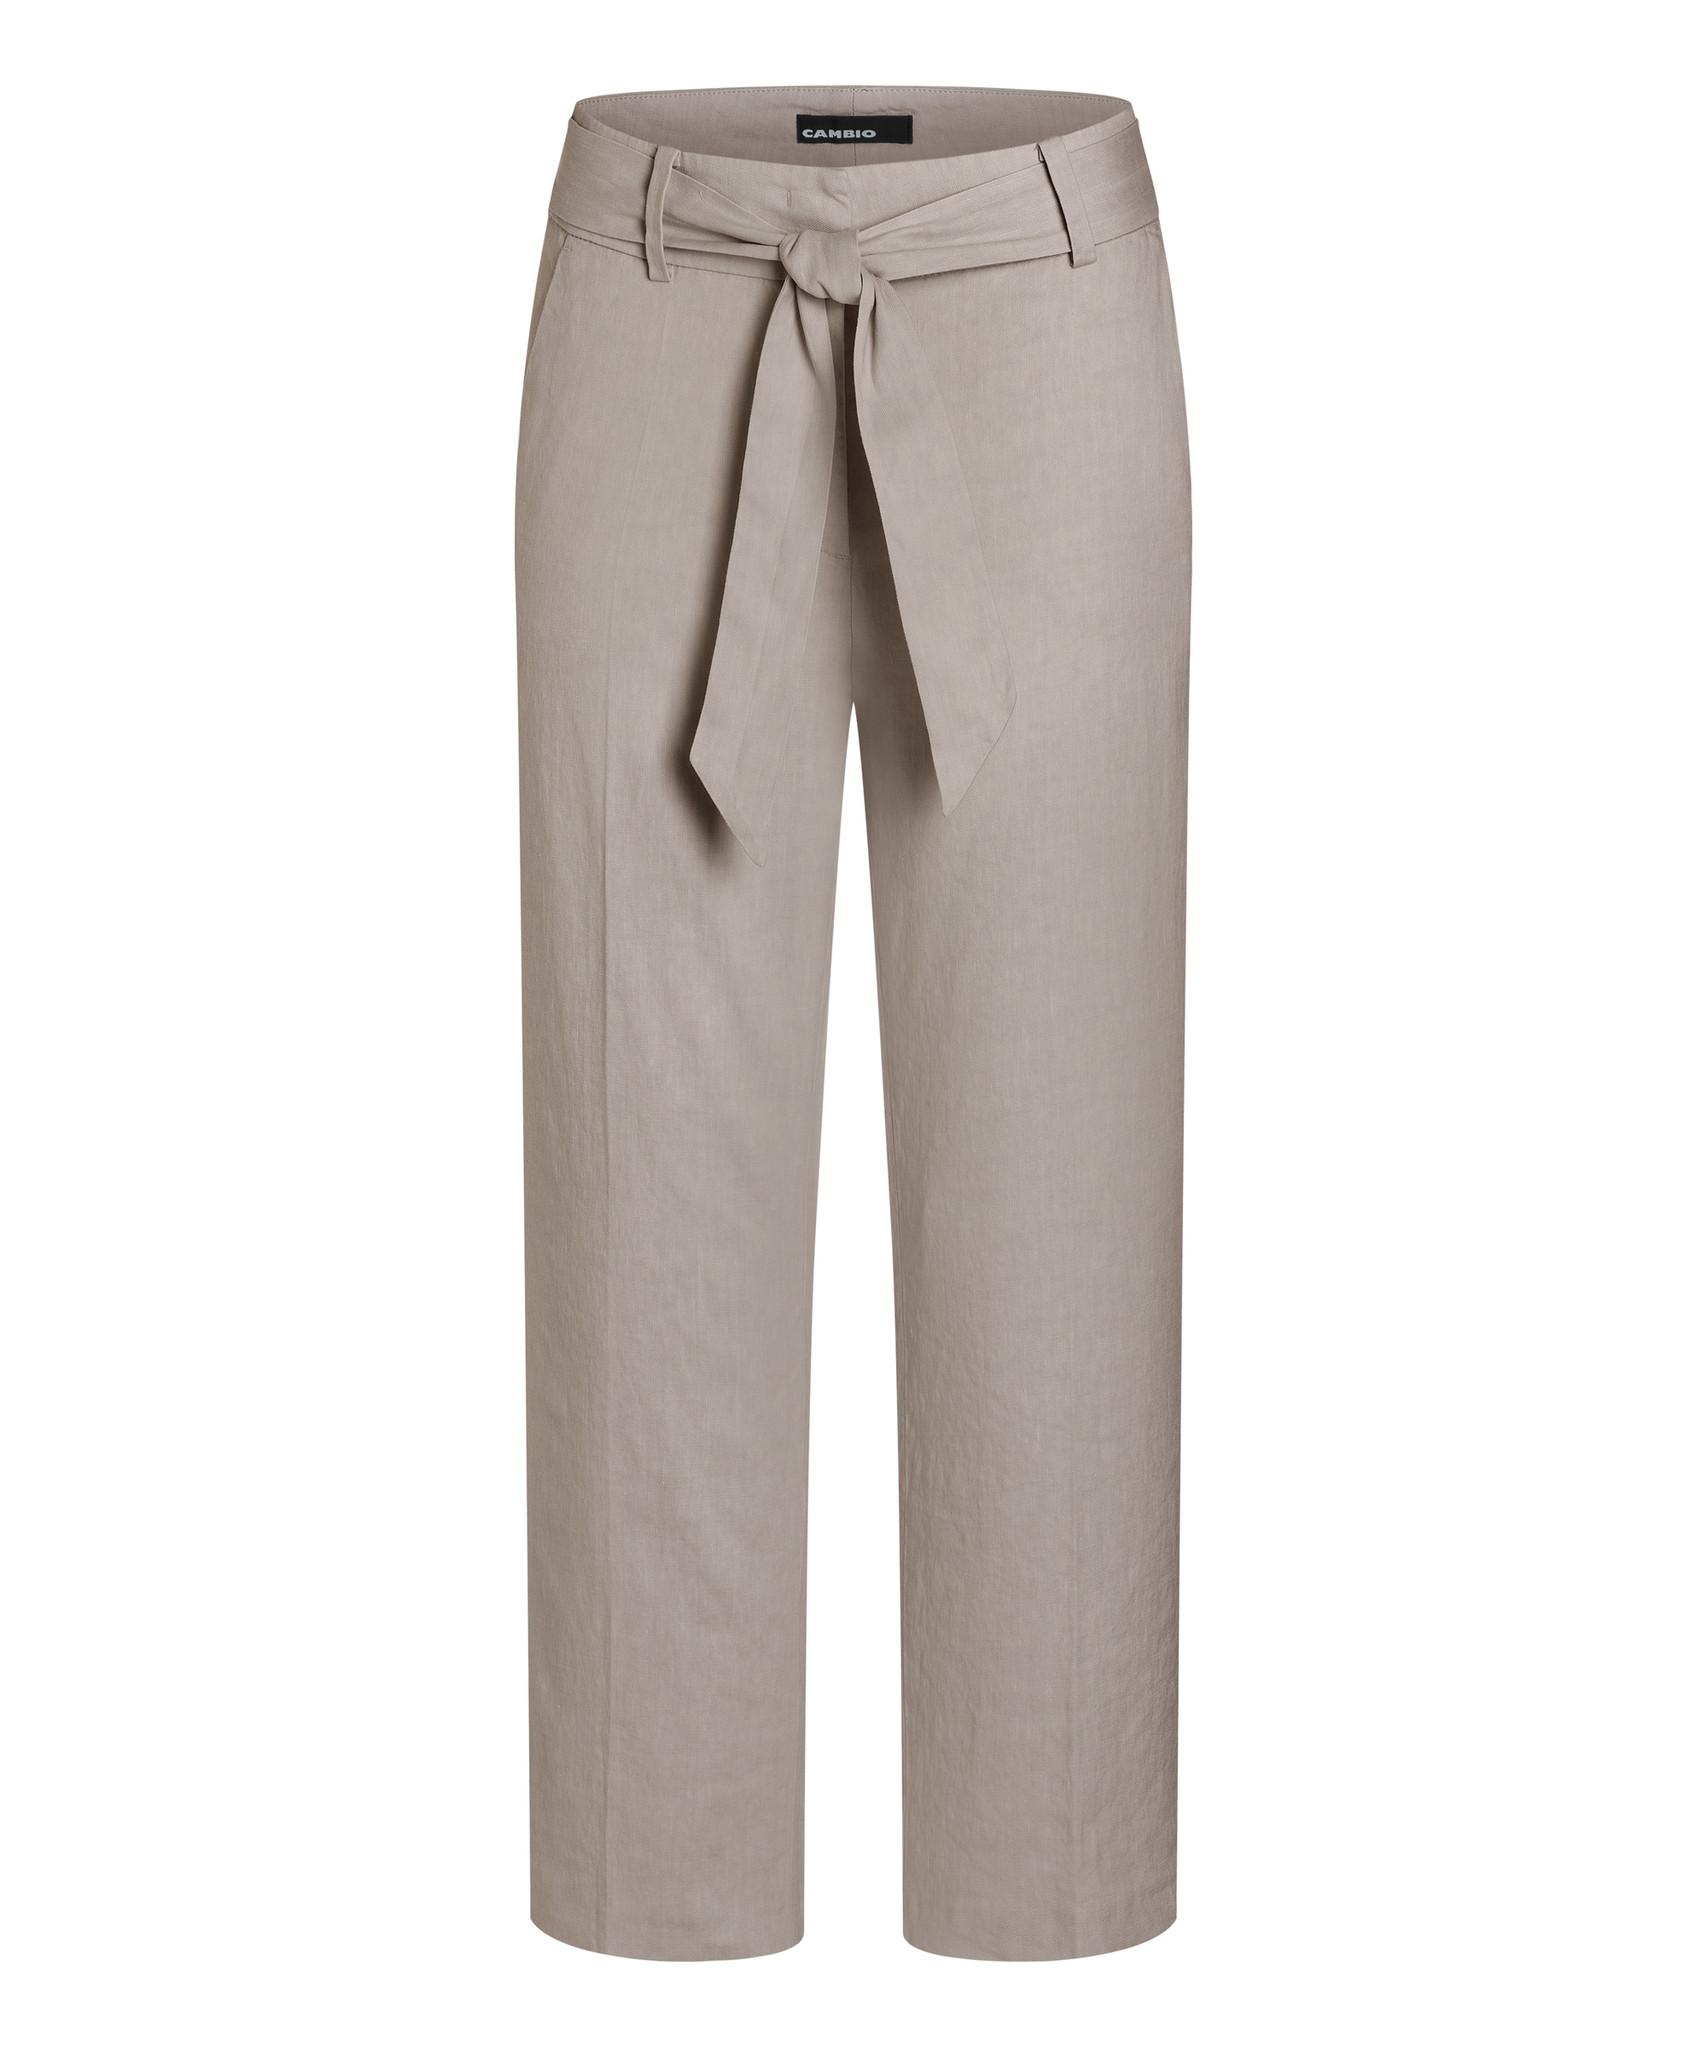 Cambio trouser 8003 CLAIRE-1